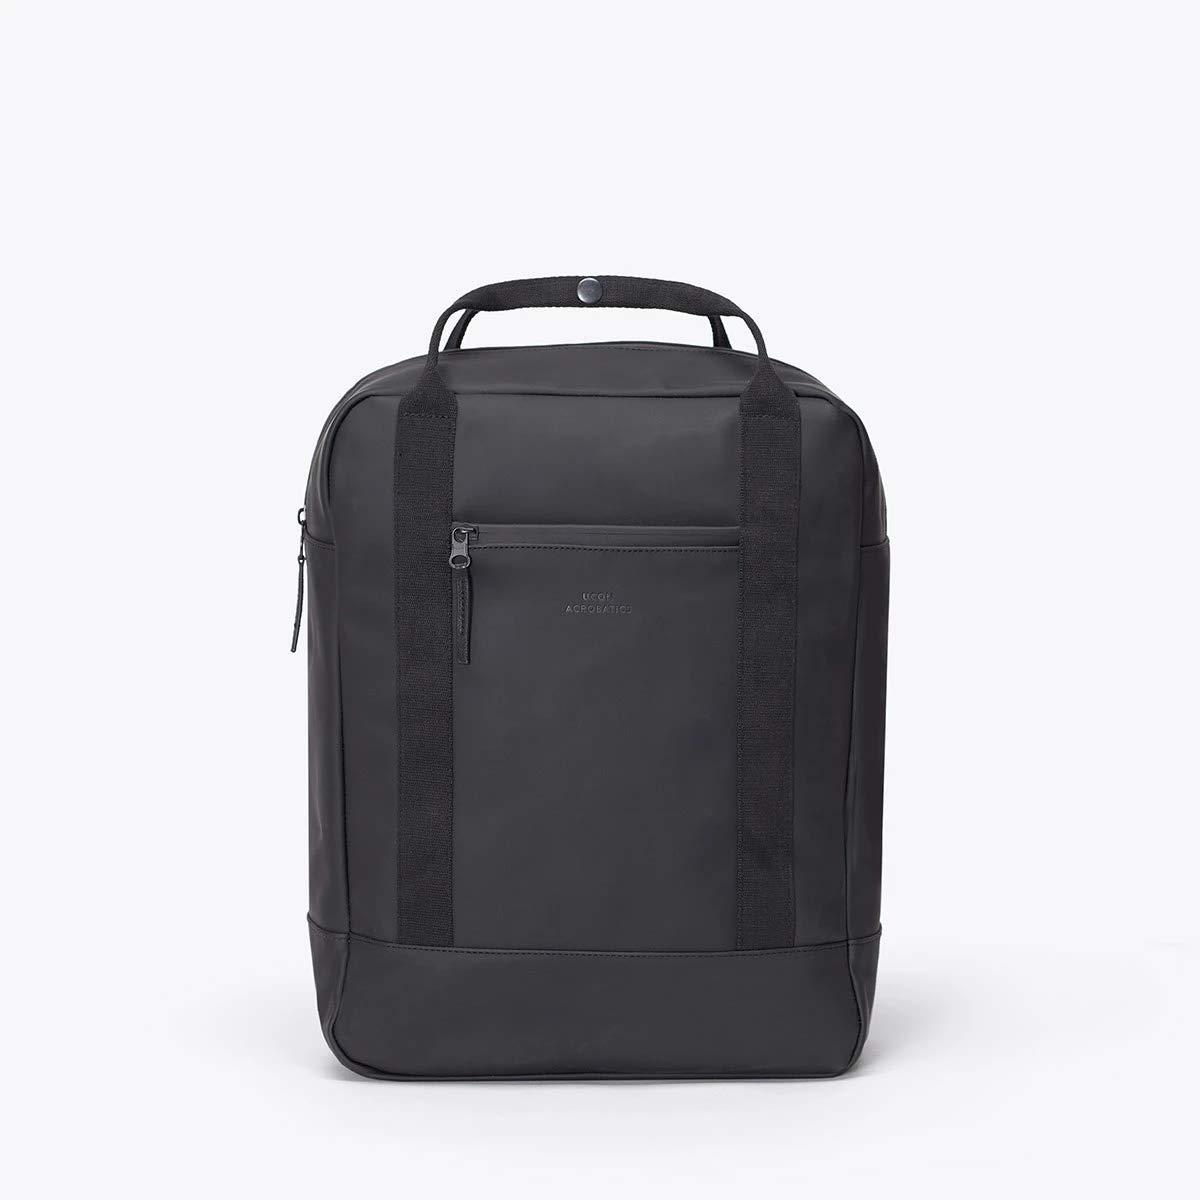 Secrid Handtaschen Taschen ISON_BLACK Schwarz VjAWq